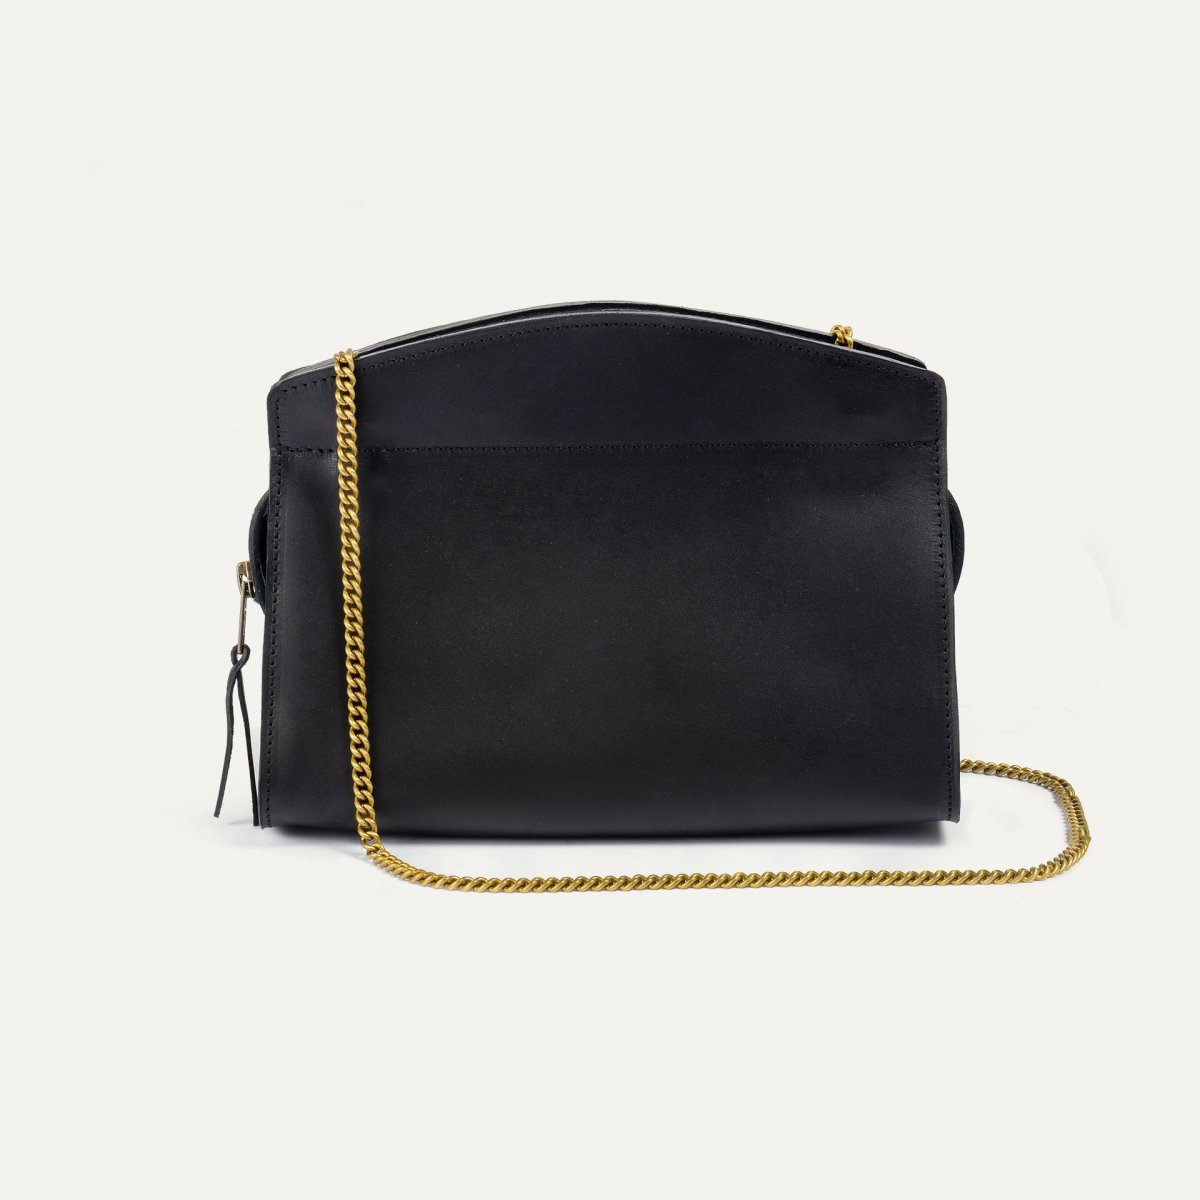 ORIGAMI S zipped clutch - Black (image n°3)